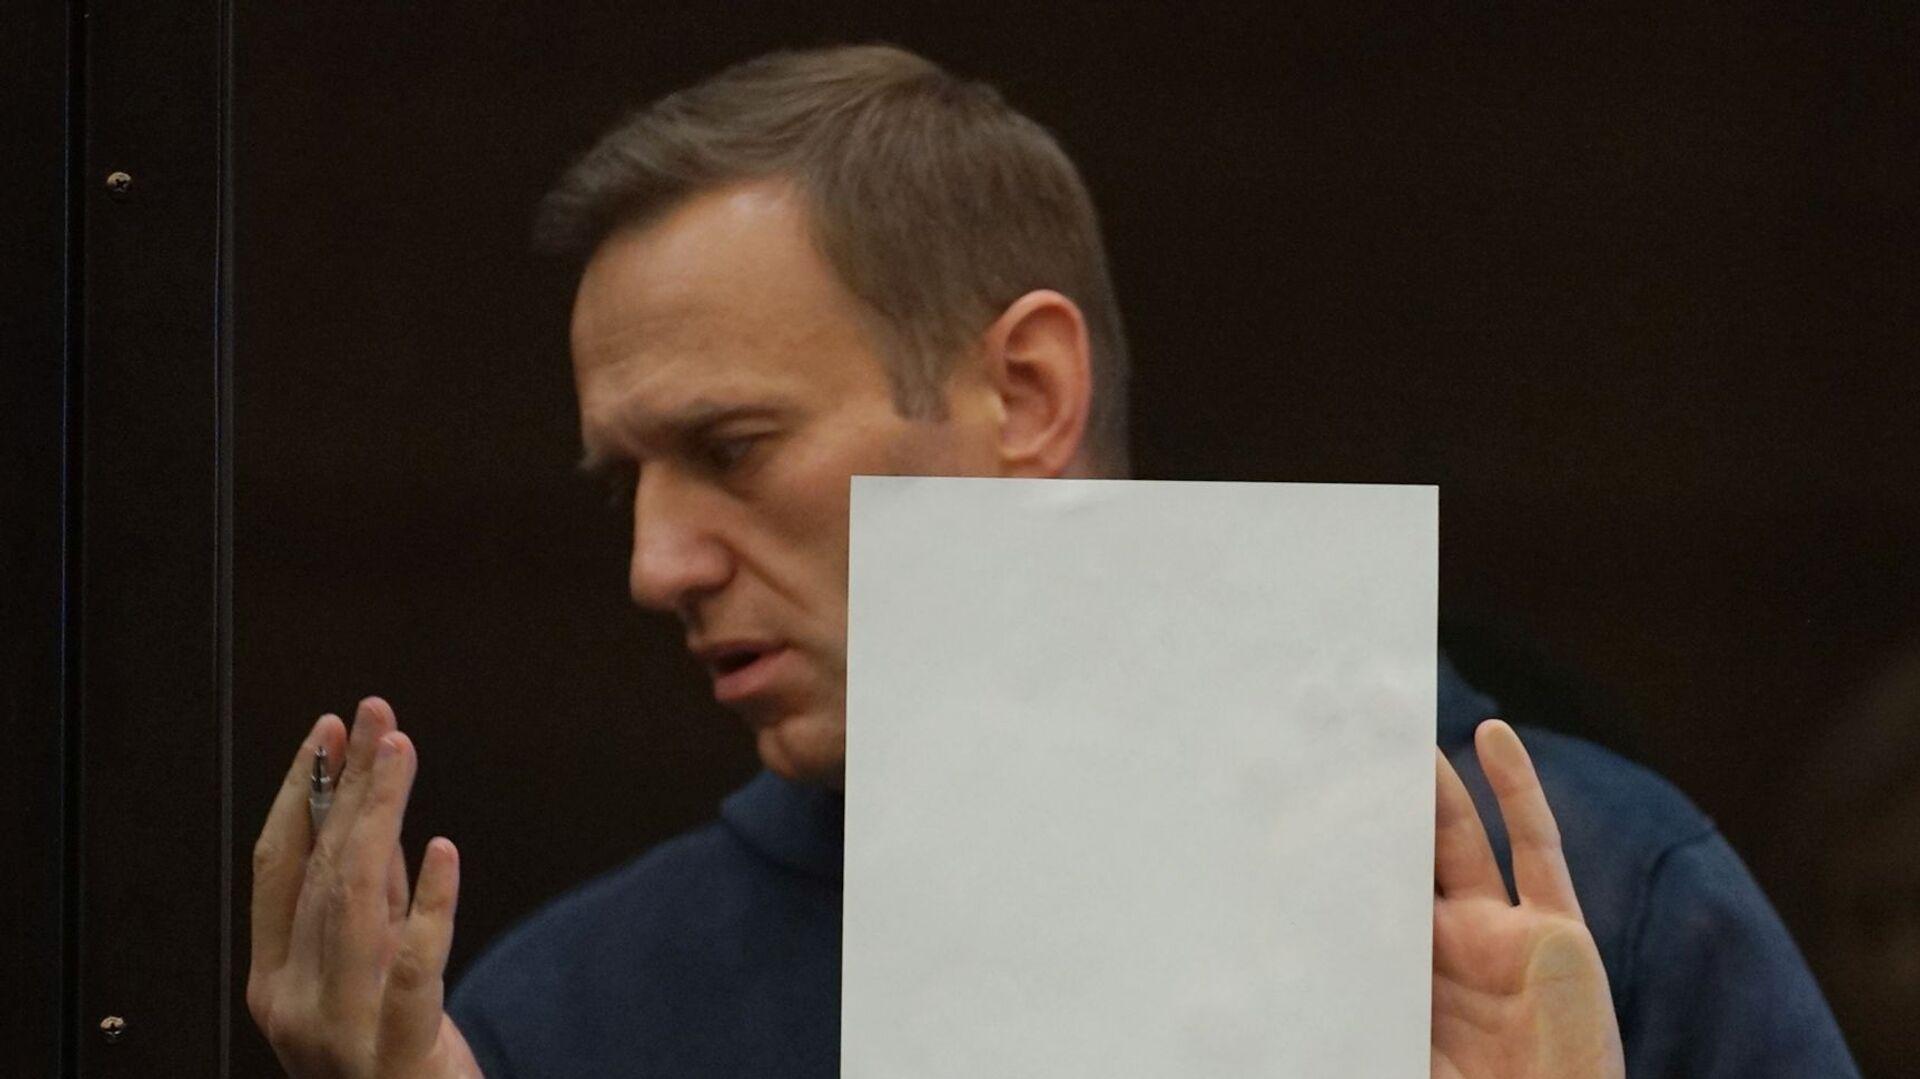 Alexej Navalnyj na zasedání Moskevského městského soudu - Sputnik Česká republika, 1920, 11.07.2021